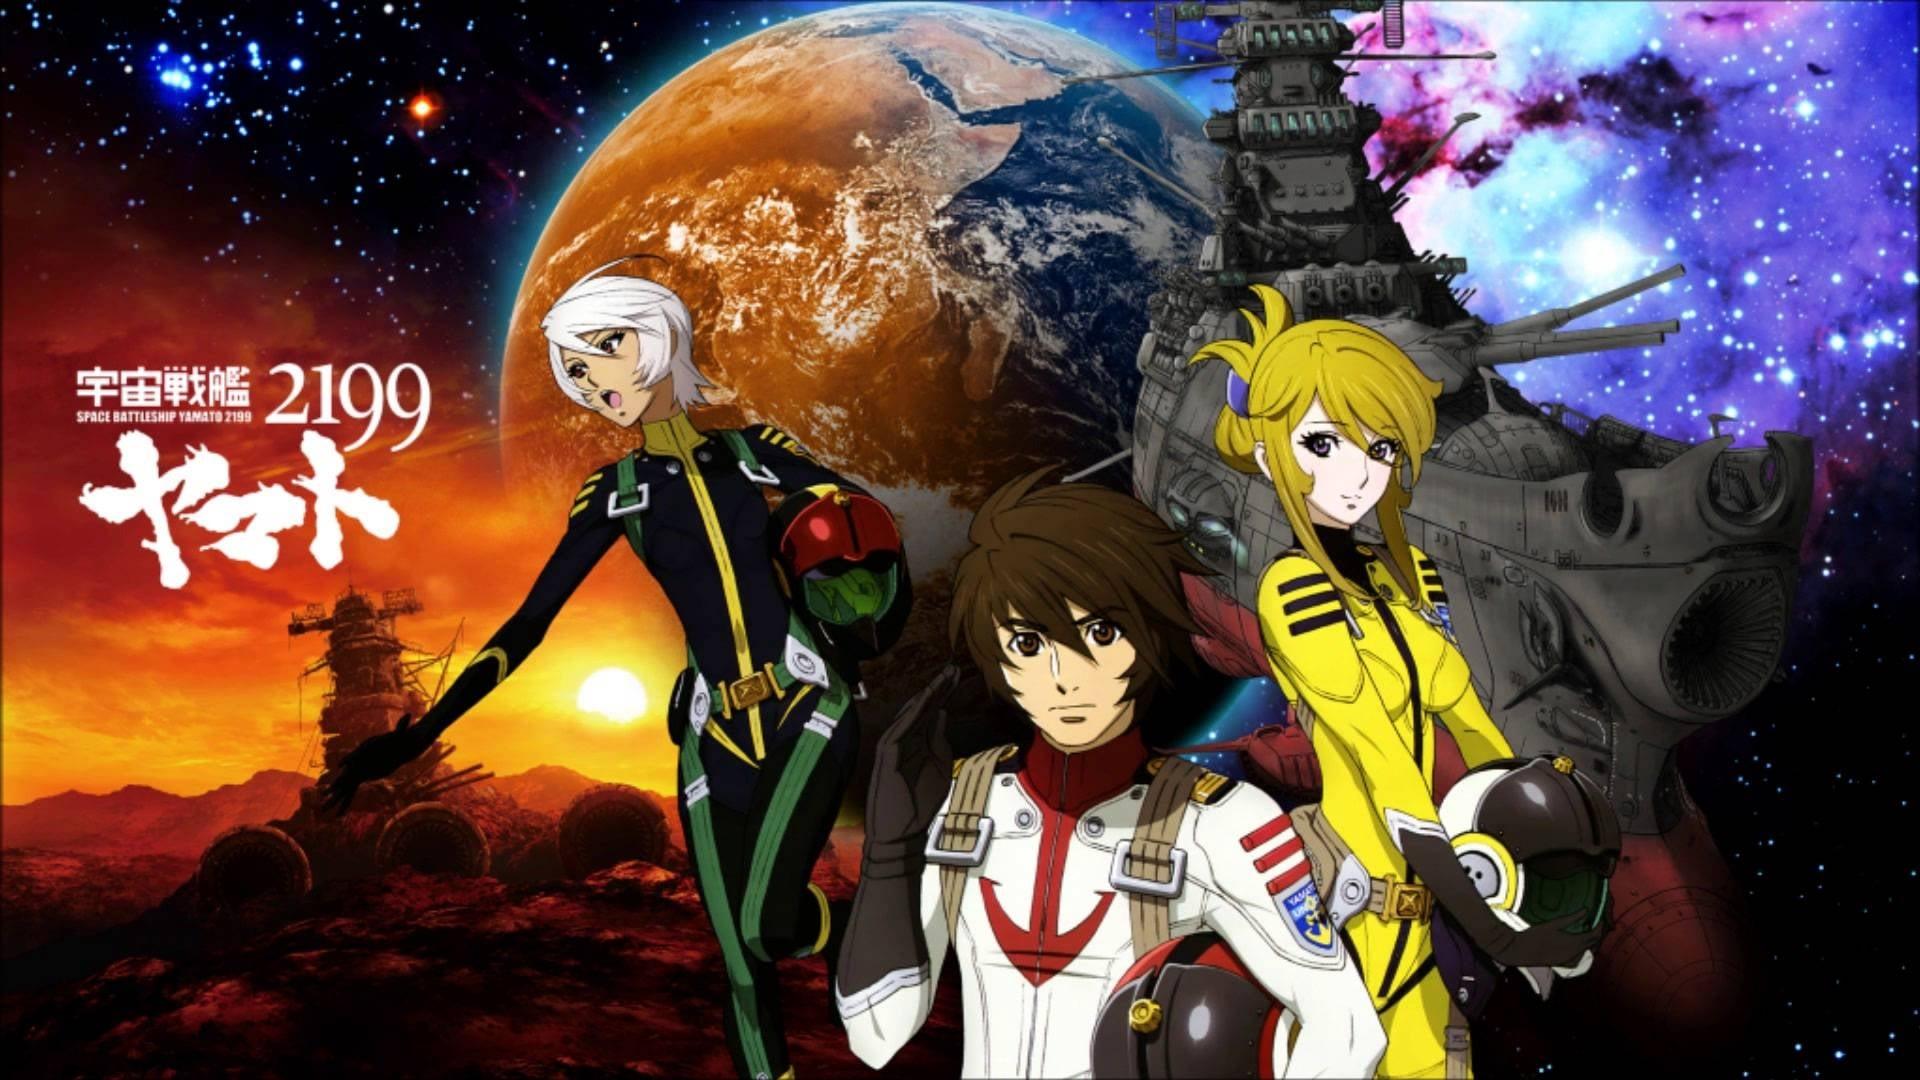 Star Blazers Space Battleship Yamato 2199 Tv Series 2013 2013